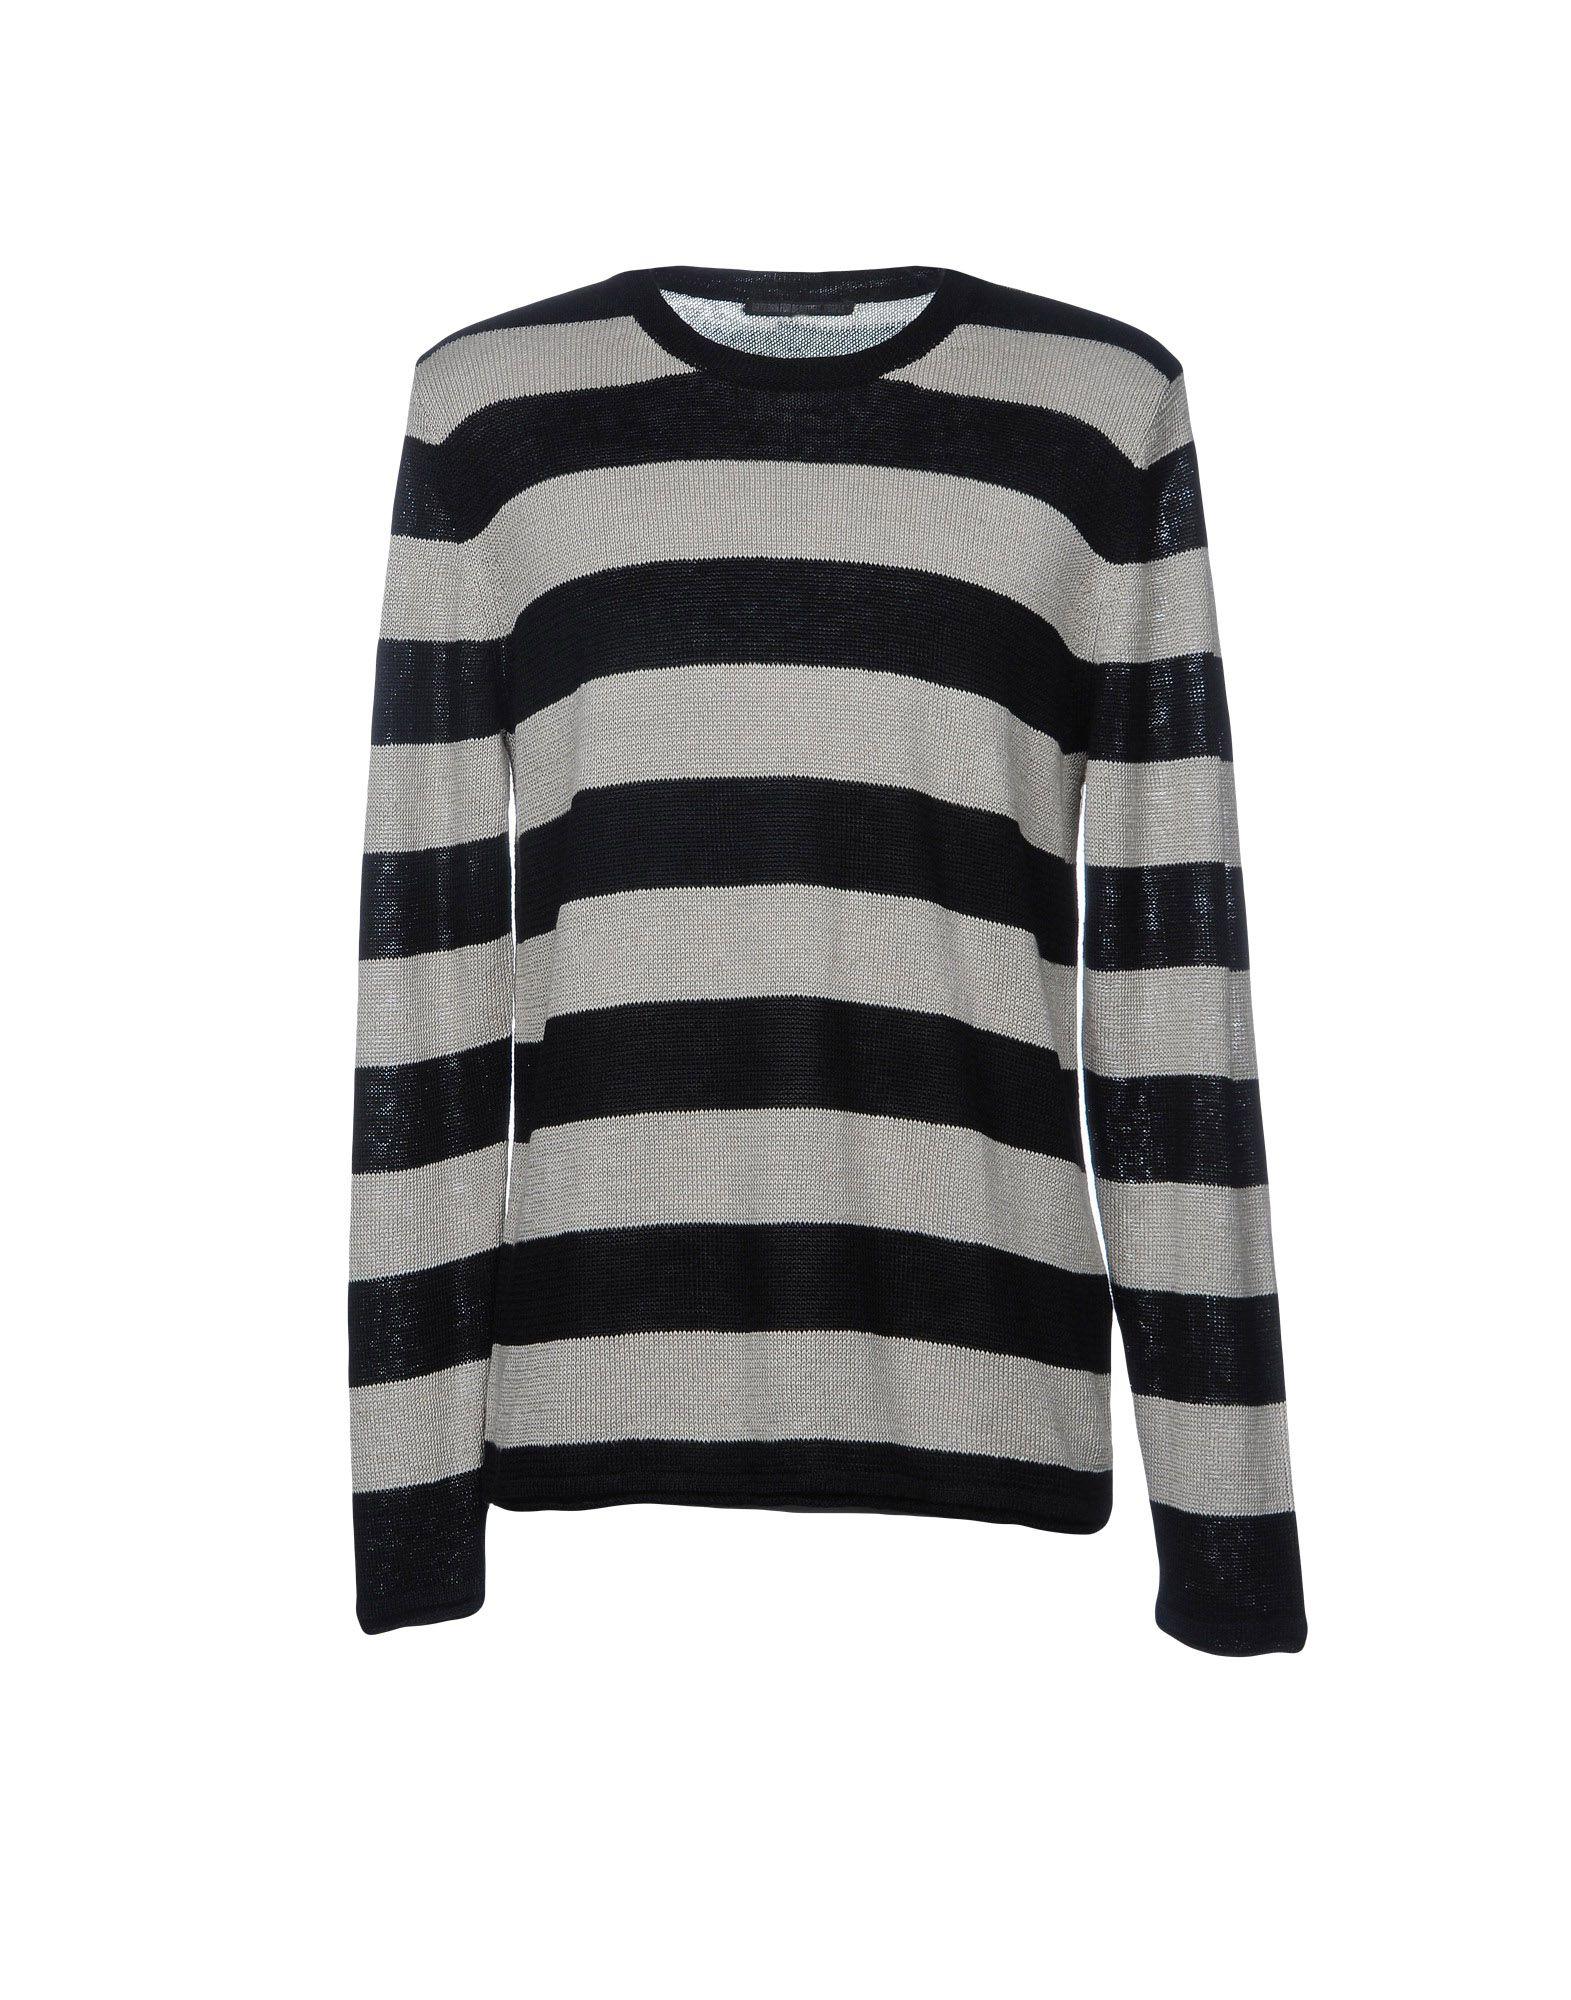 DRYKORN Свитер мужской свитер в полоску 52